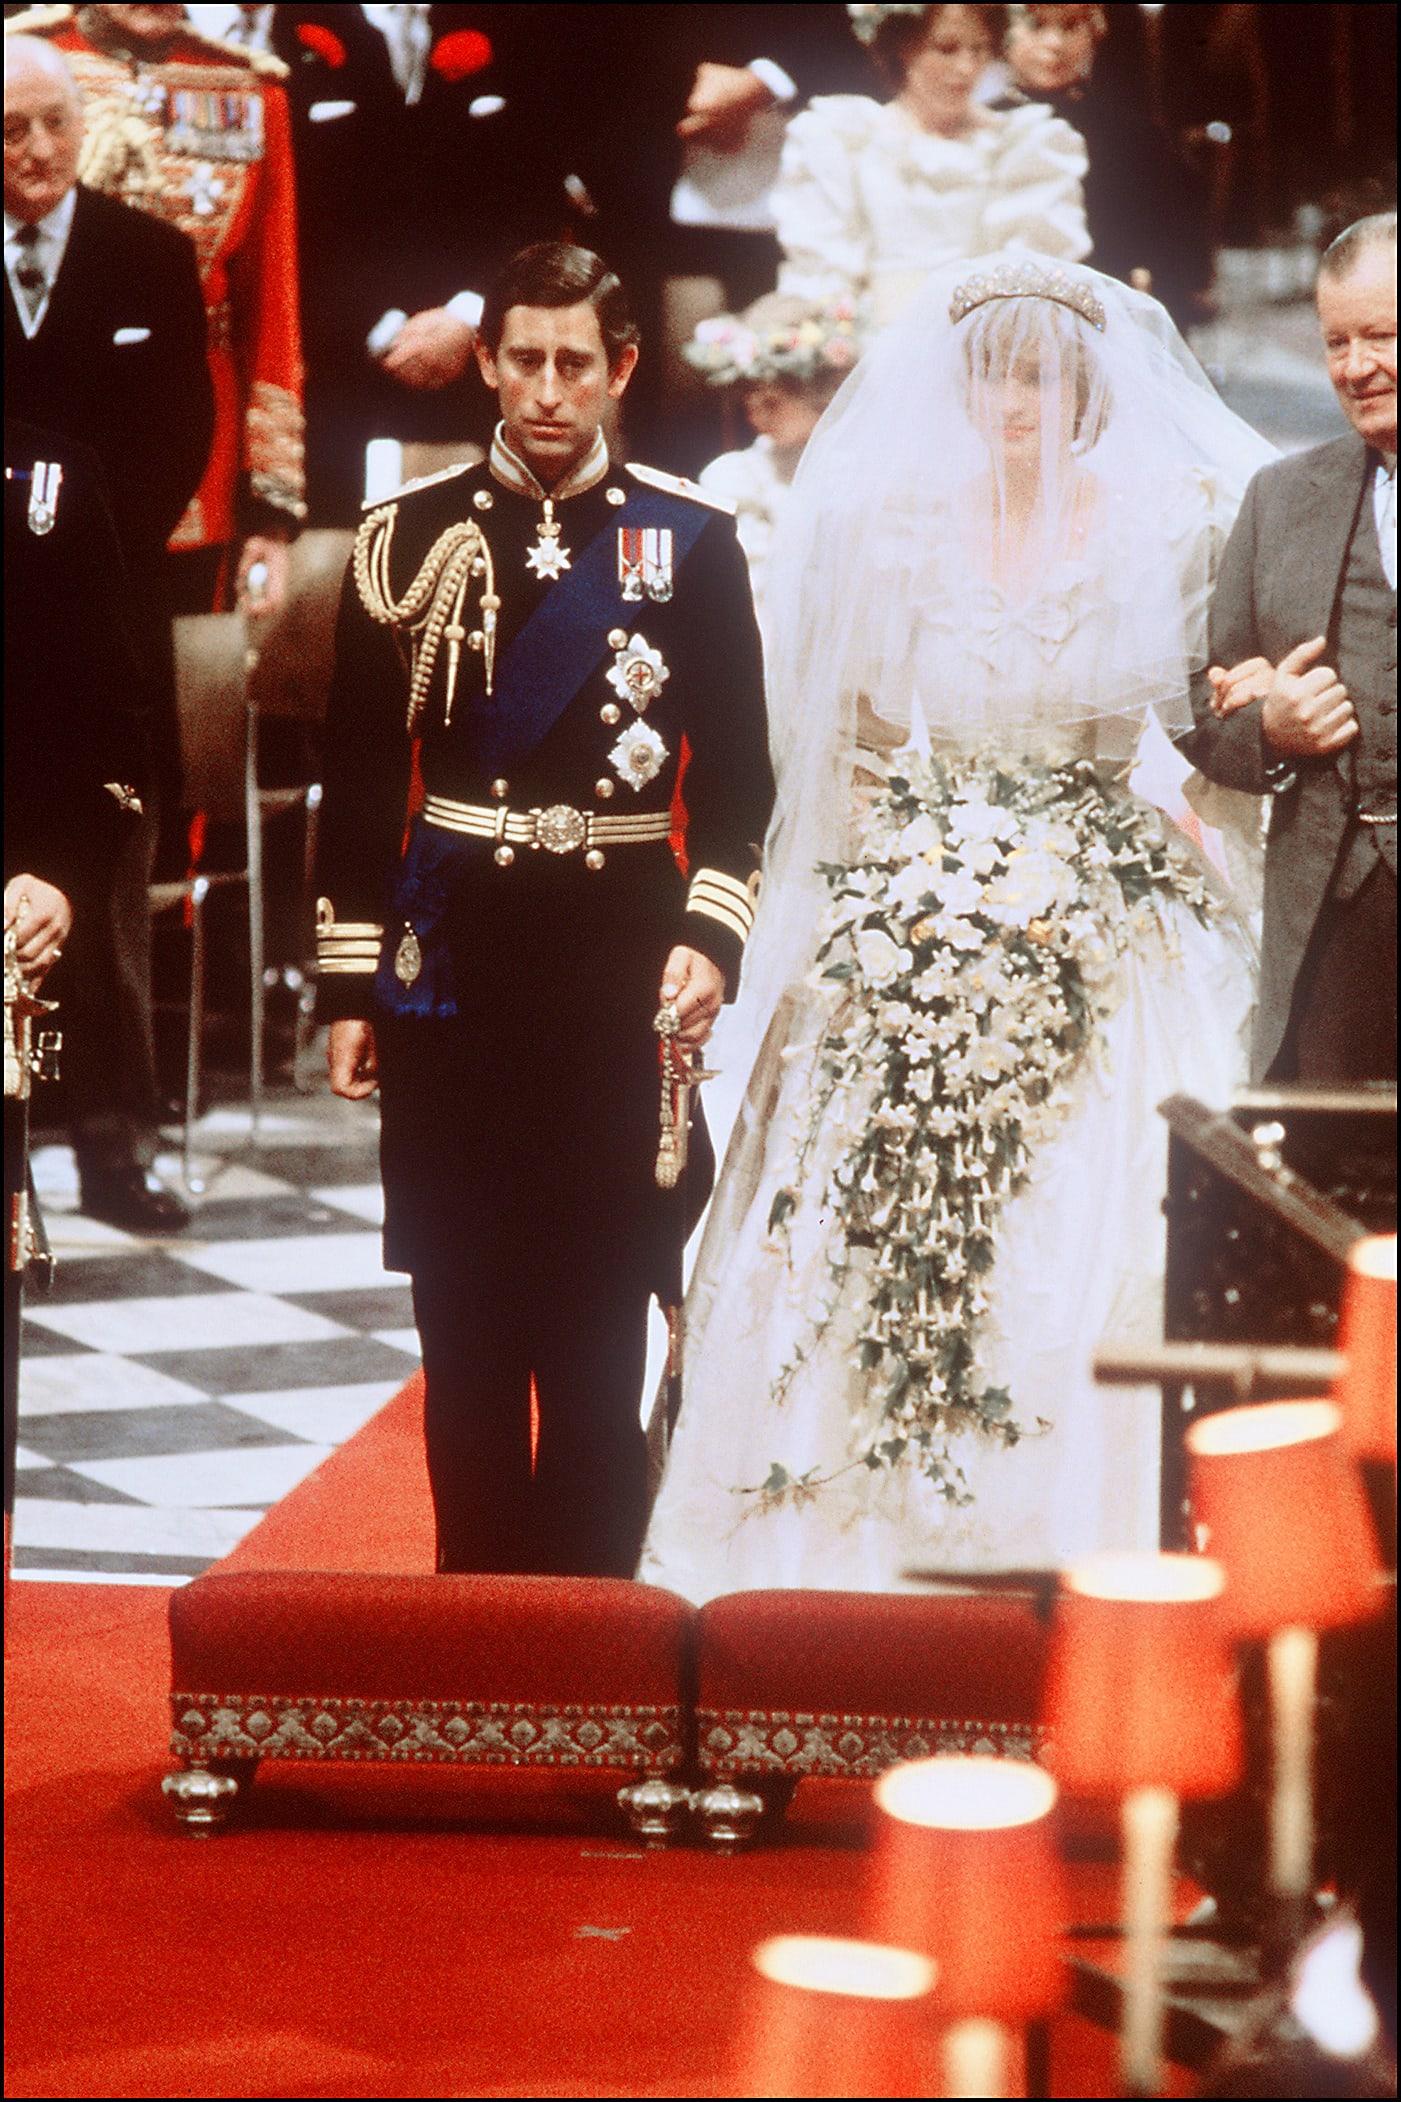 فستان ارتدته الأميرة ديانا في البحرين يُباع بأكثر من 490 ألف درهم